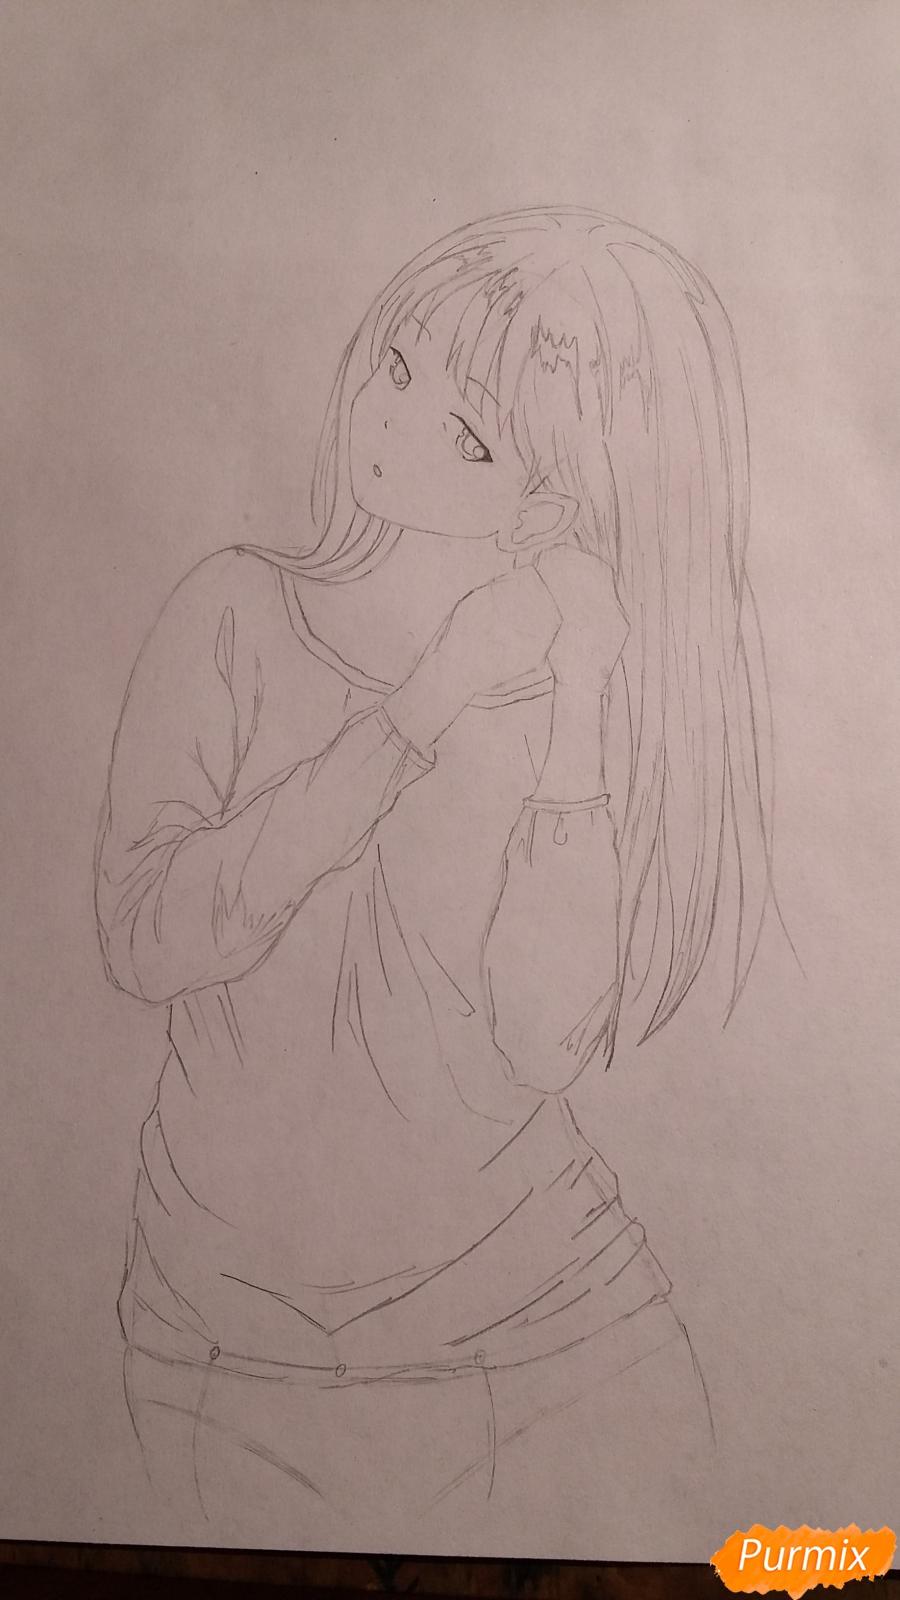 Рисуем милую девушку в аниме стиле карандашами - шаг 5